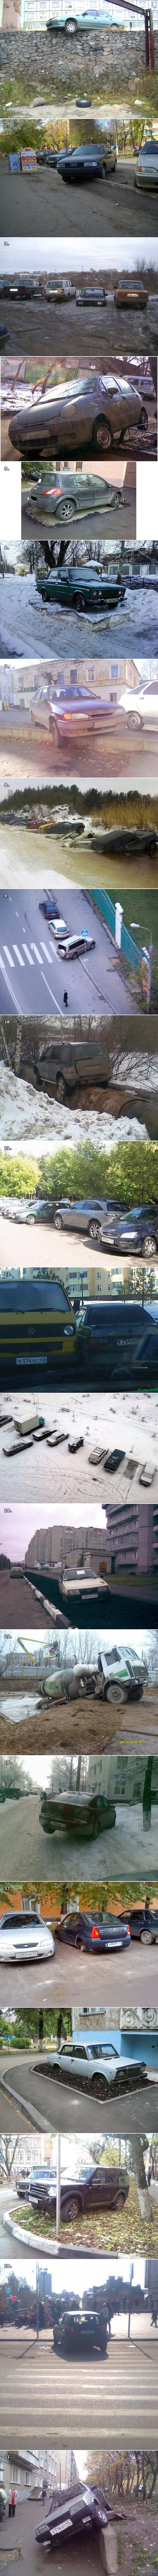 Парк-мастер или кировчане паркуются А как паркуются в вашем городе?